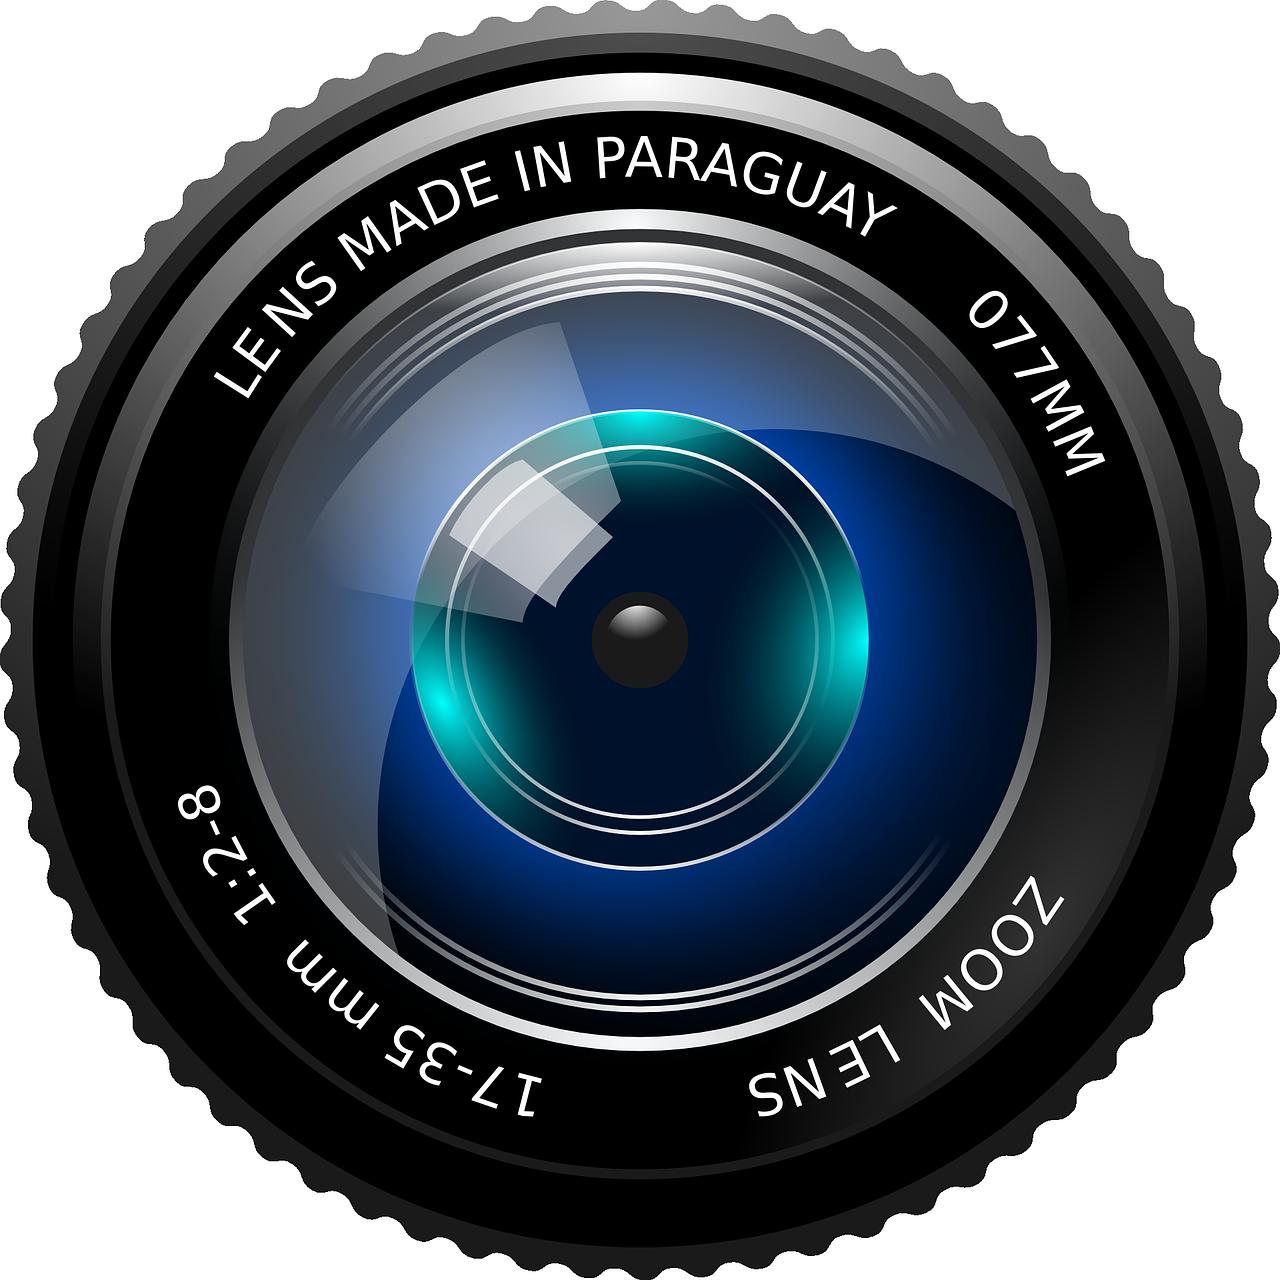 パンダ印の画像圧縮ツール「TinyPNG」で画像の容量を小さくしよう!